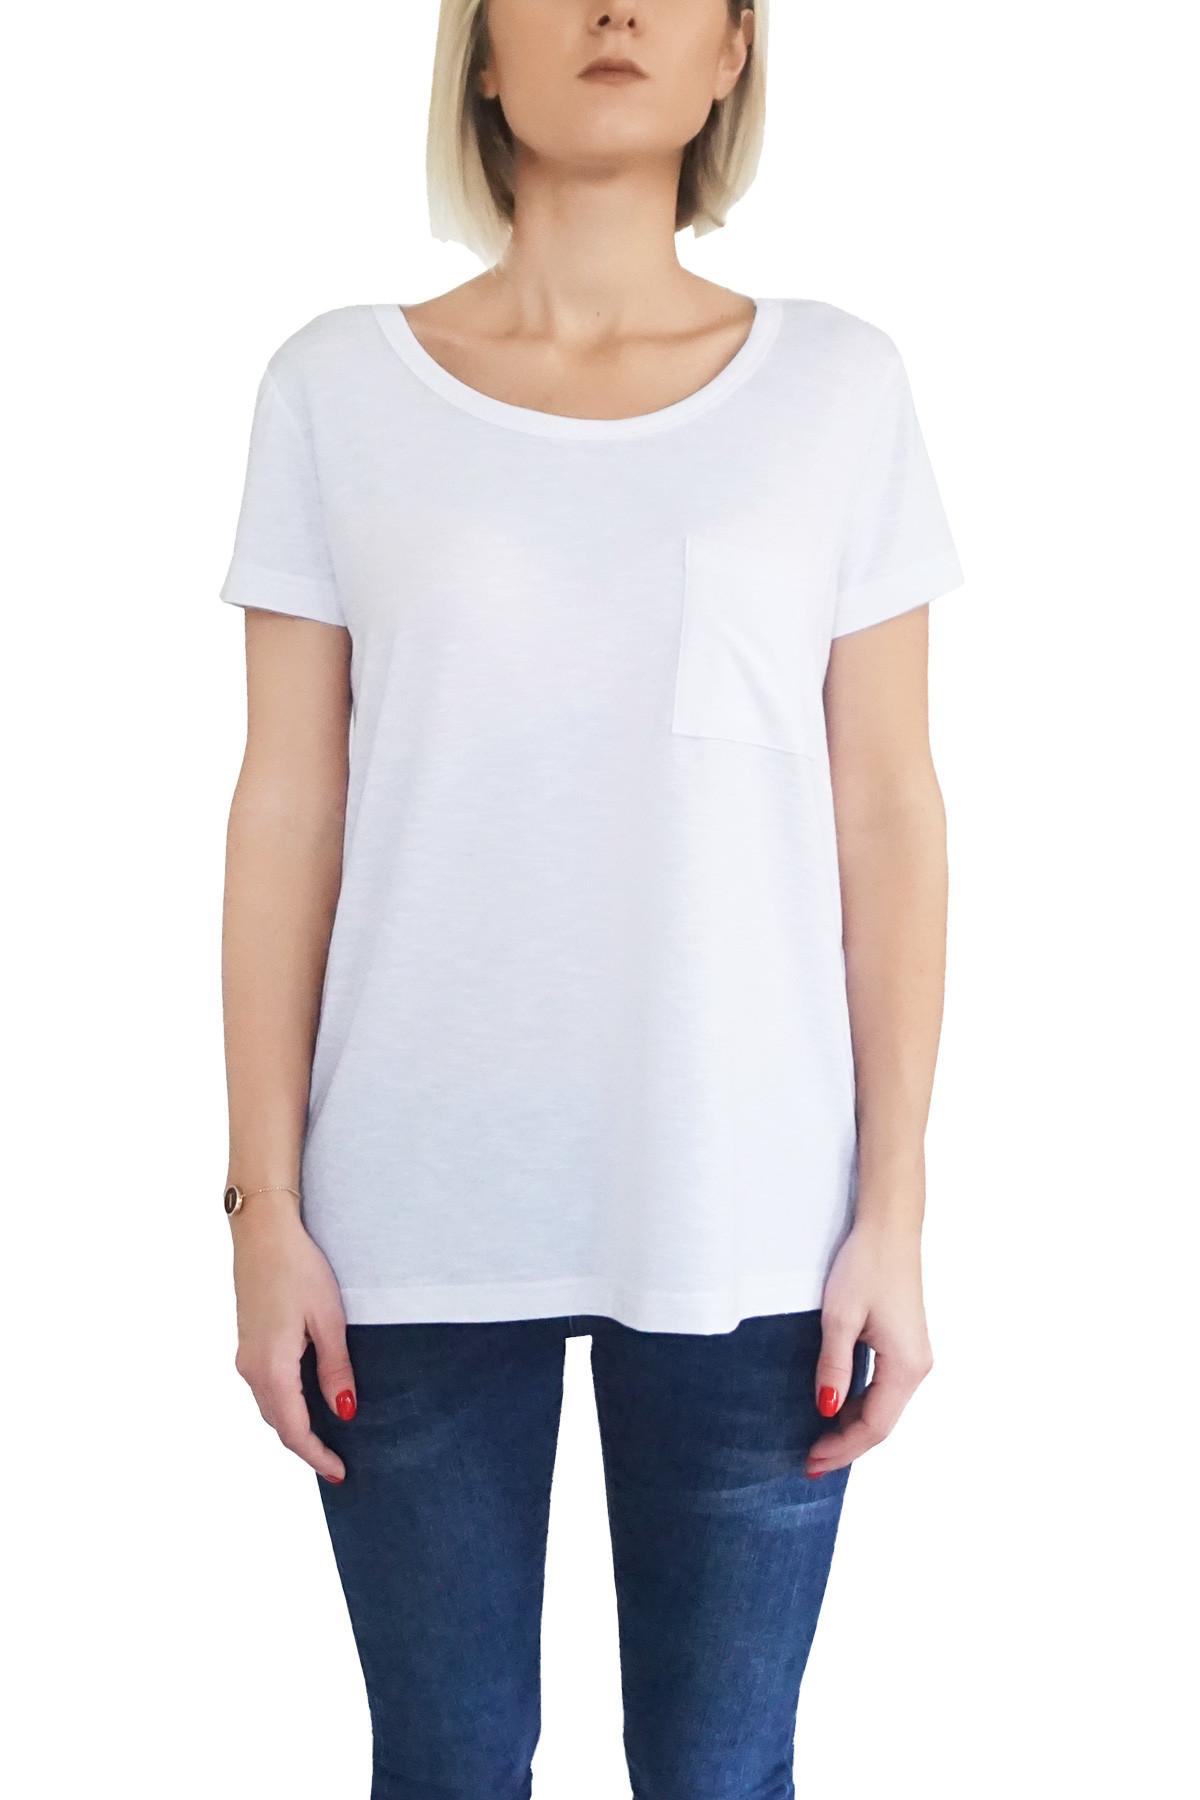 MOF Kadın Beyaz T-Shirt GSYT-B 1